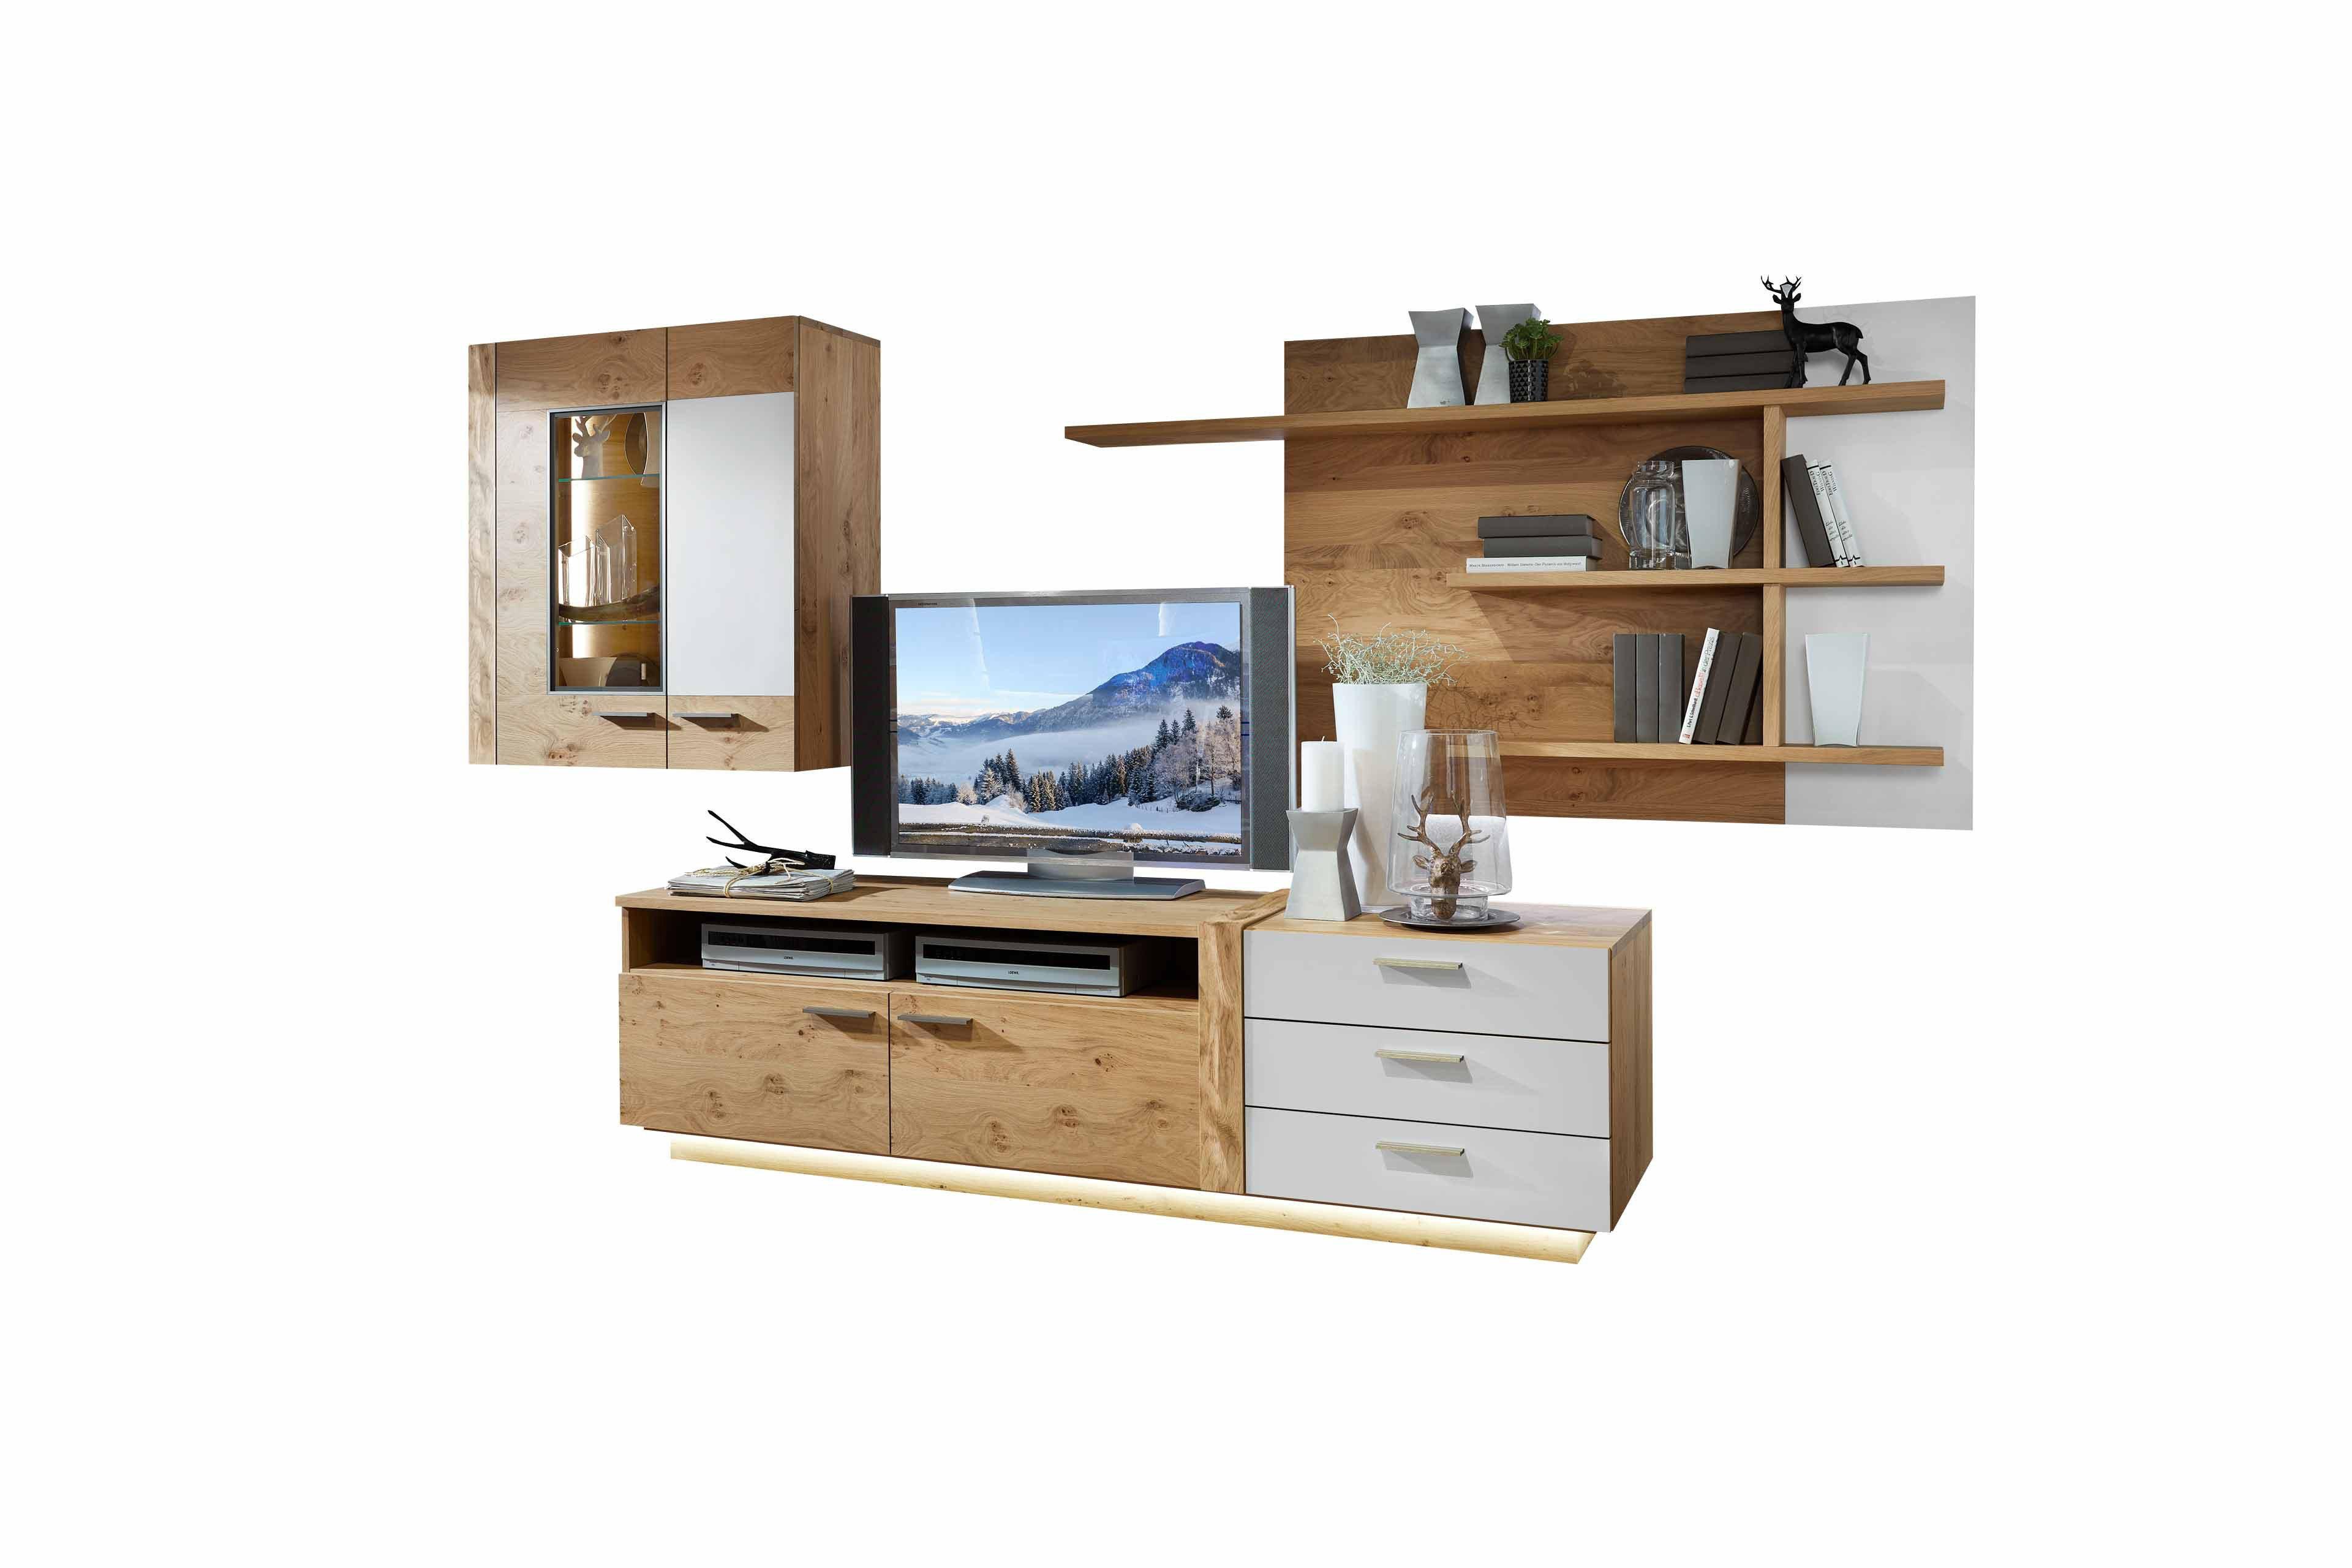 wohnwand von schr der m bel kitzalm alpin wildasteiche satinglas snow m bel letz ihr online. Black Bedroom Furniture Sets. Home Design Ideas